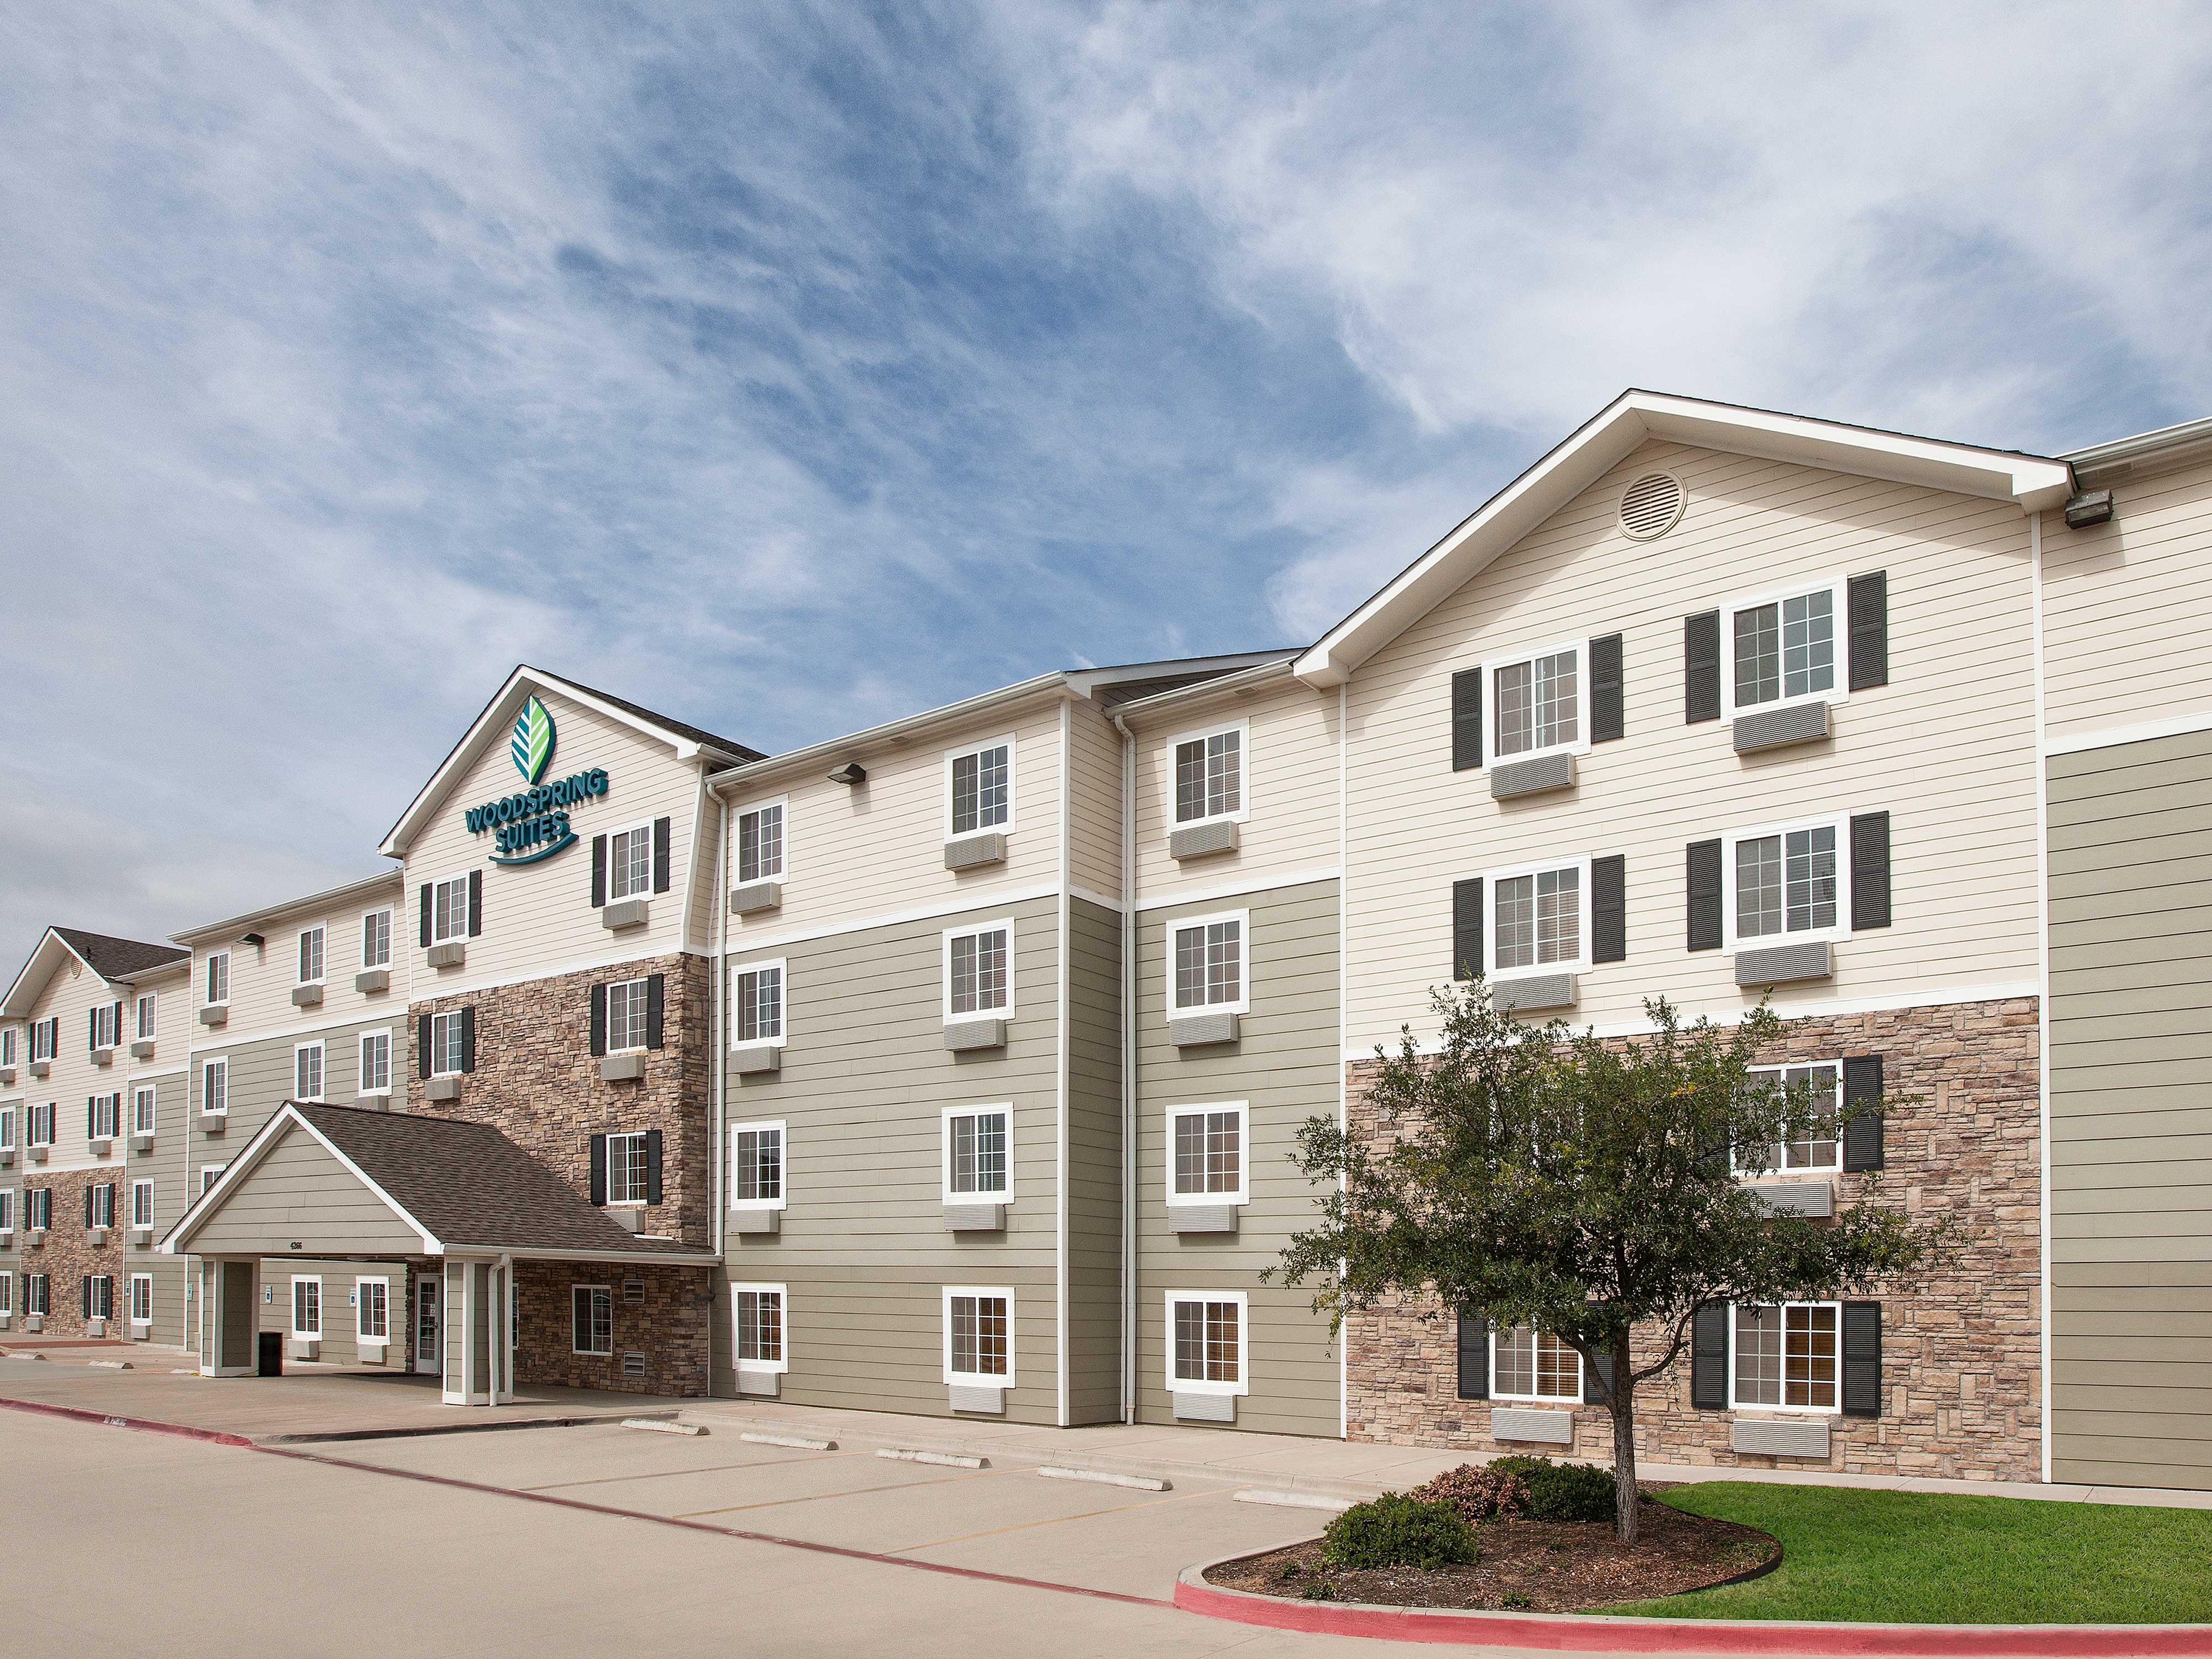 WoodSpring Suites Abilene 4266 Oil Belt Ln, Abilene, TX 79605 - YP.com